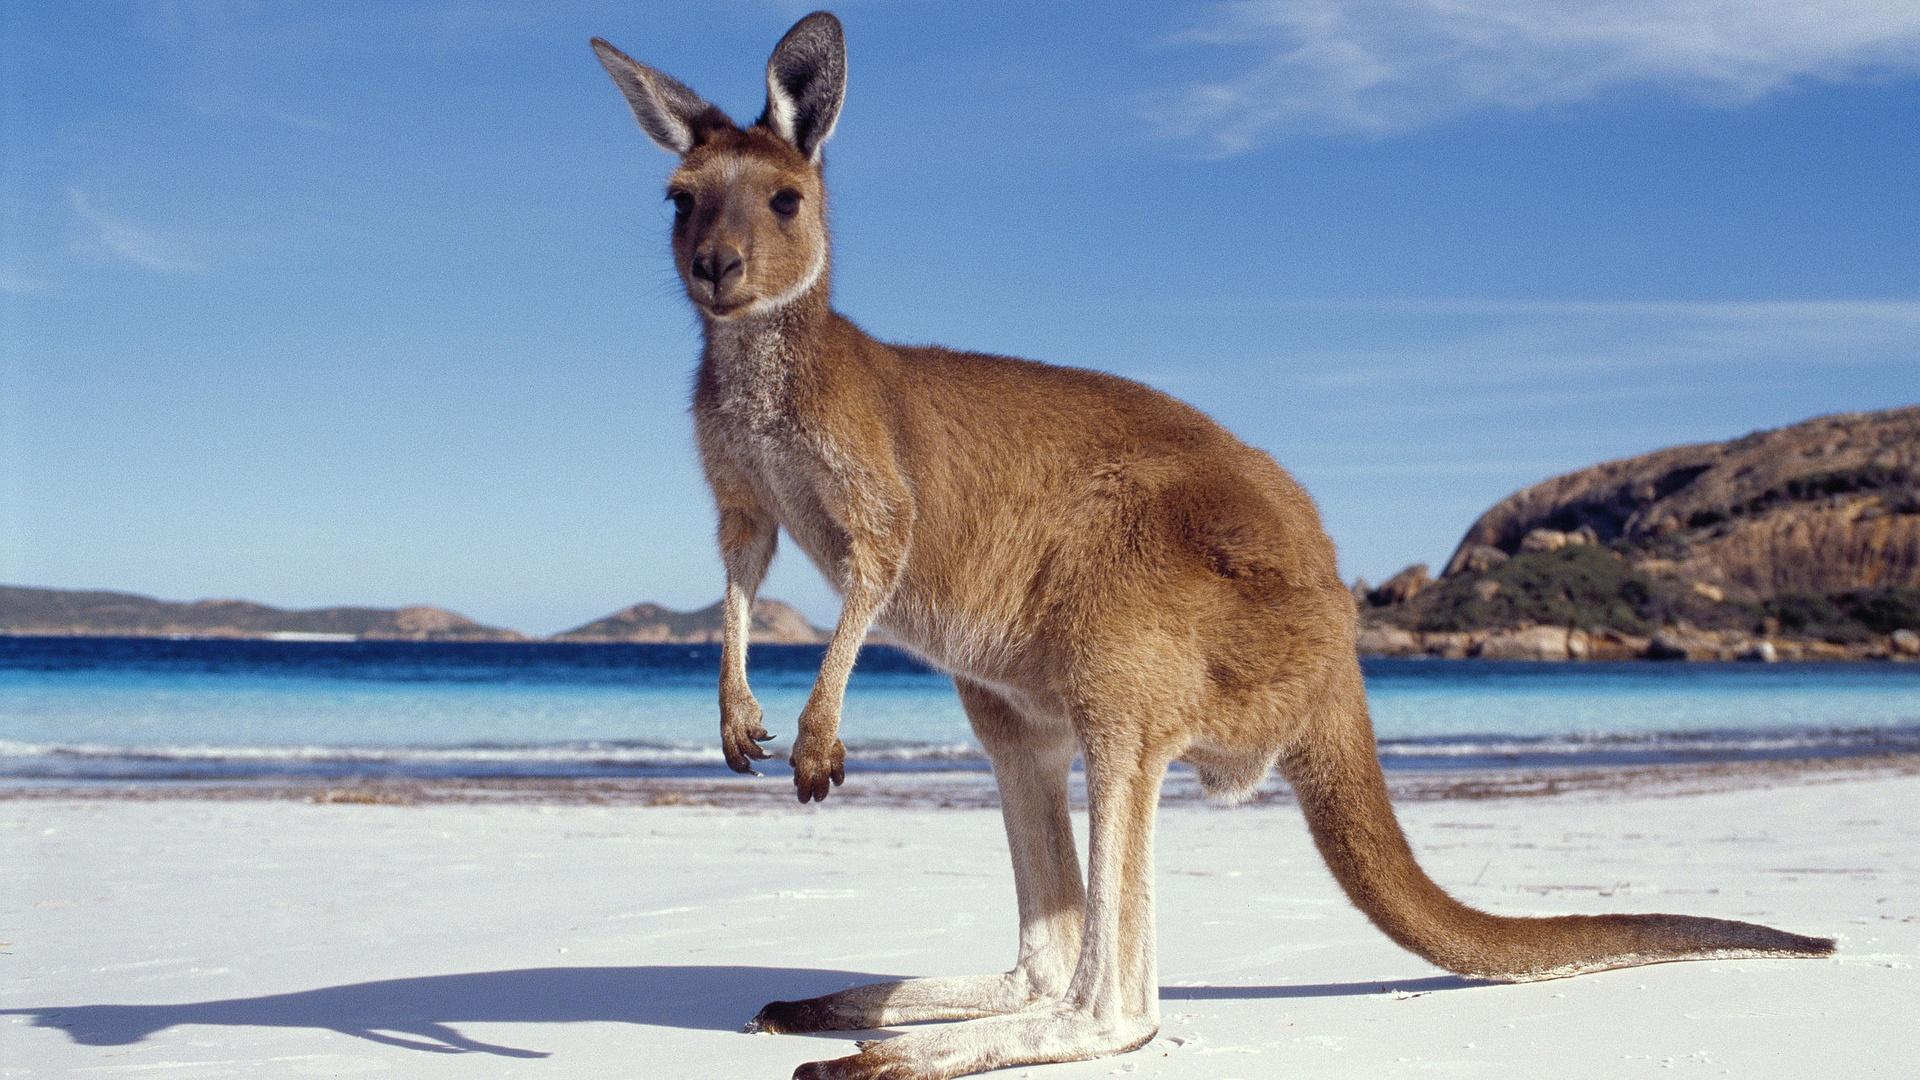 kangaroo images